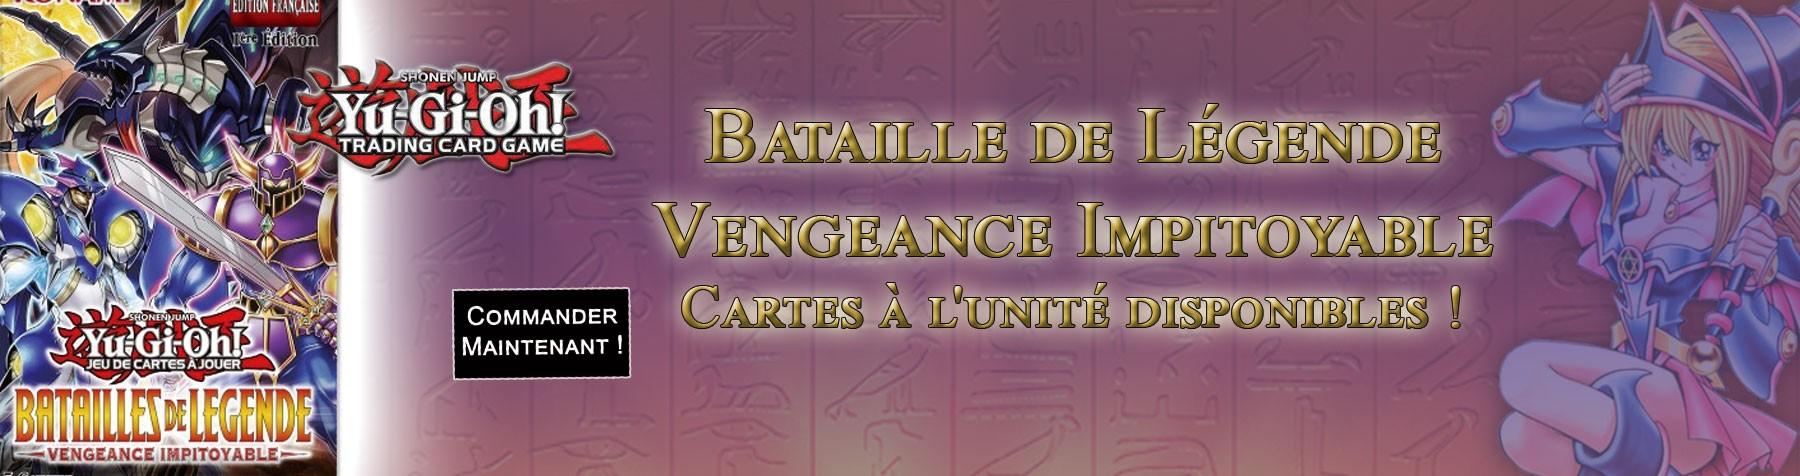 Bataille de Légende Vengeance Impitoyable